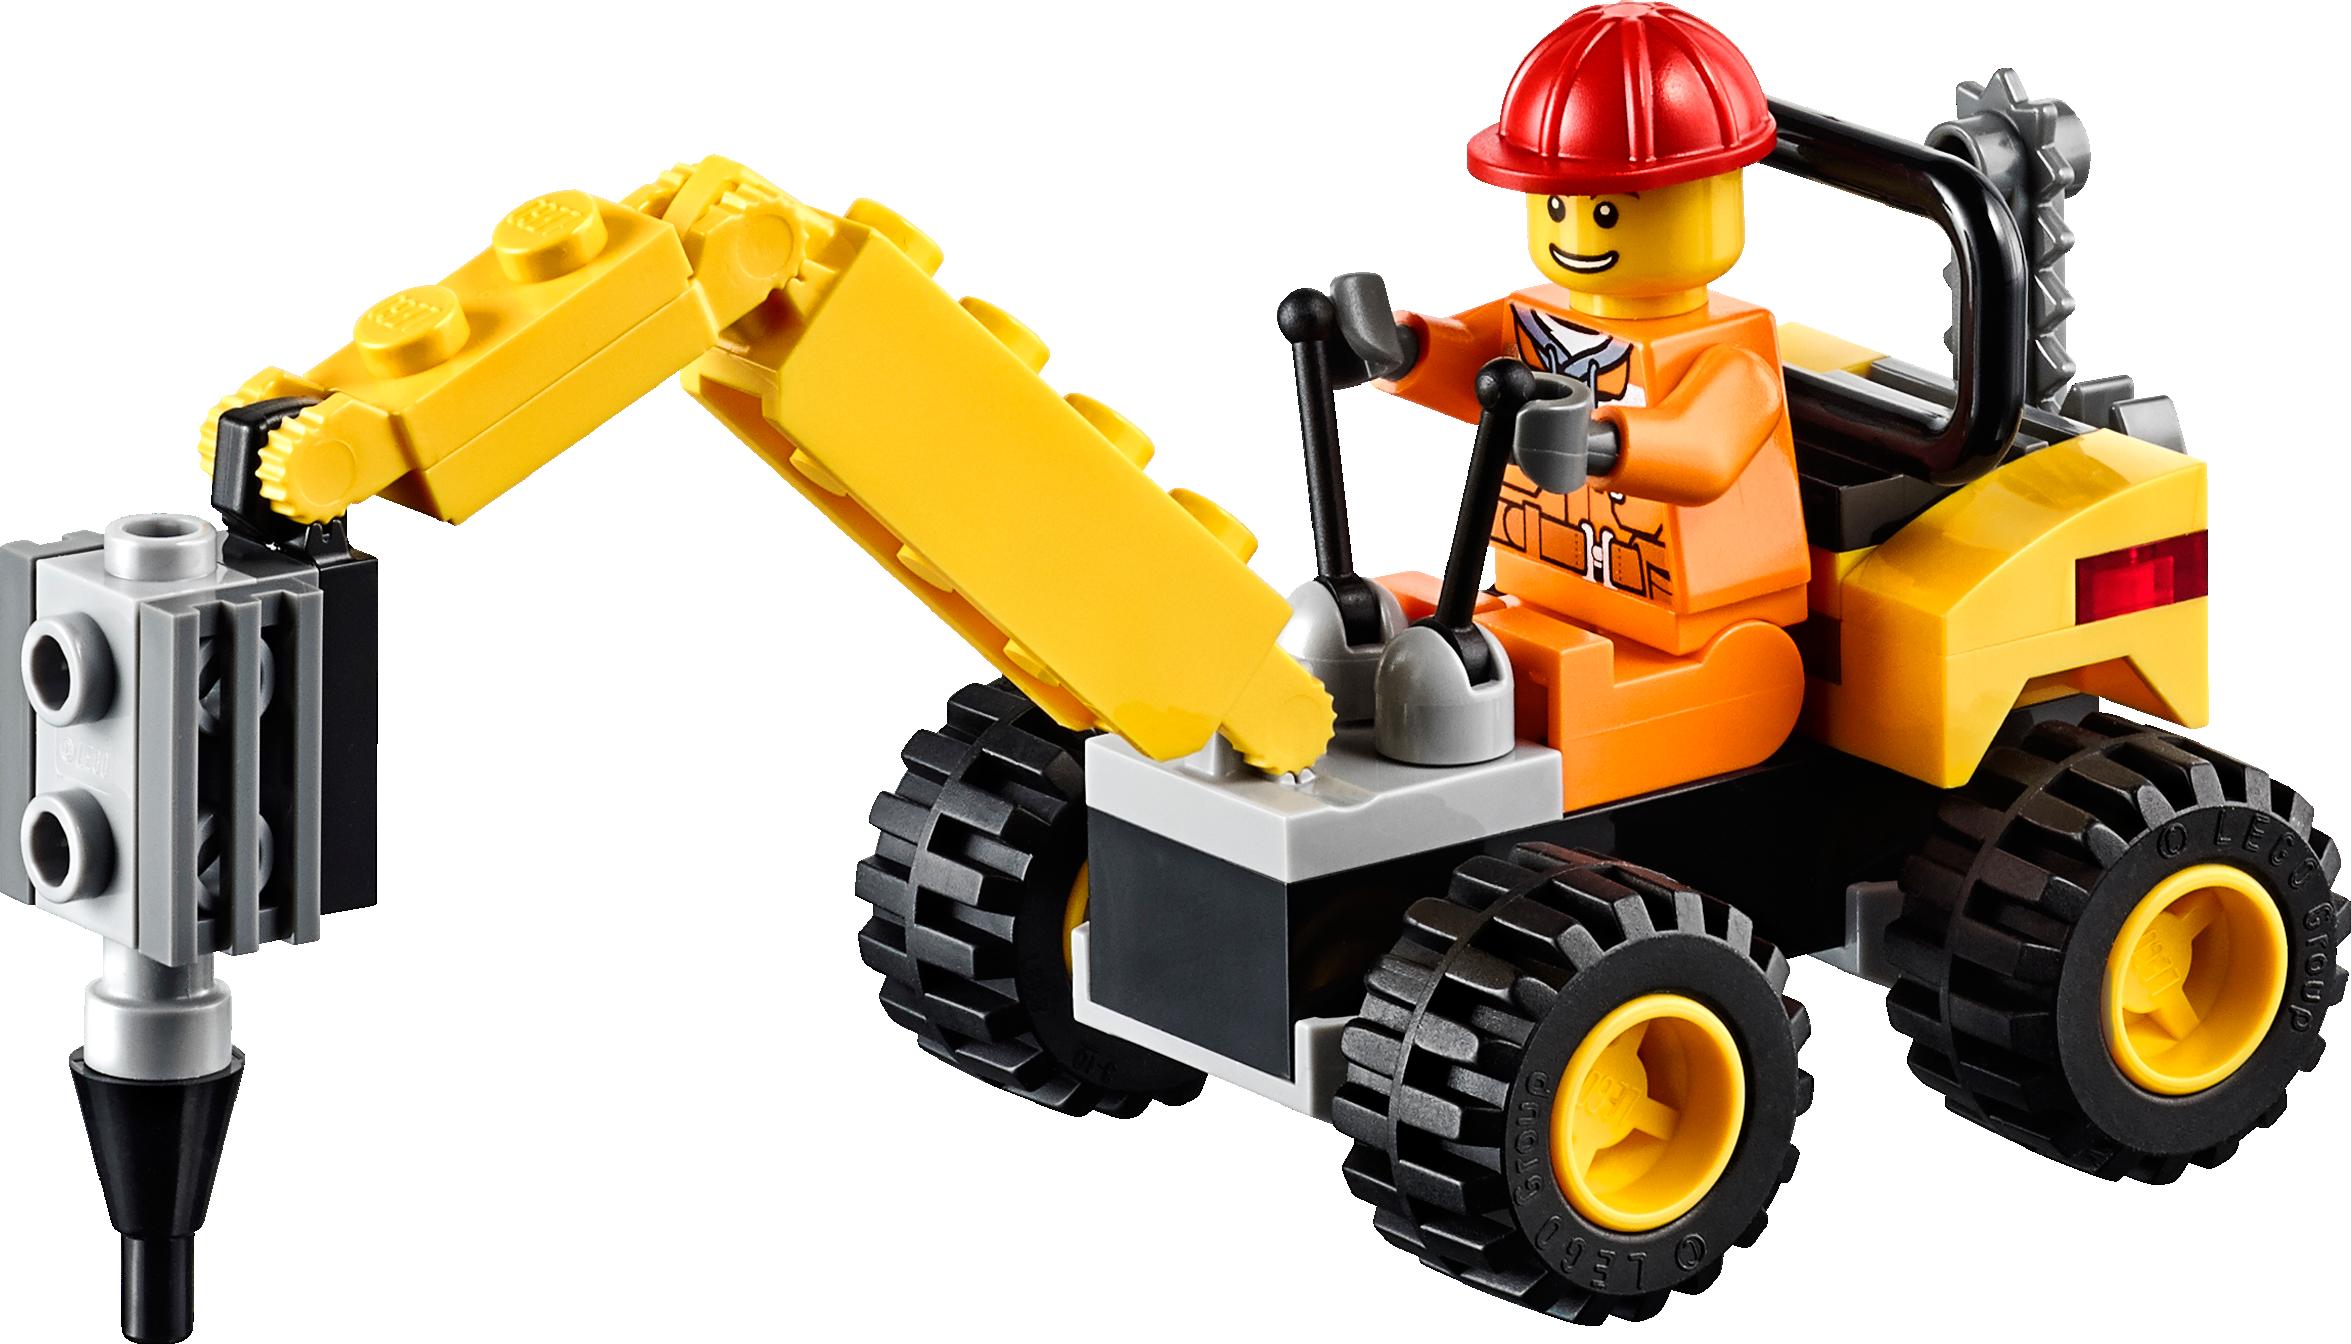 Demolition Driller